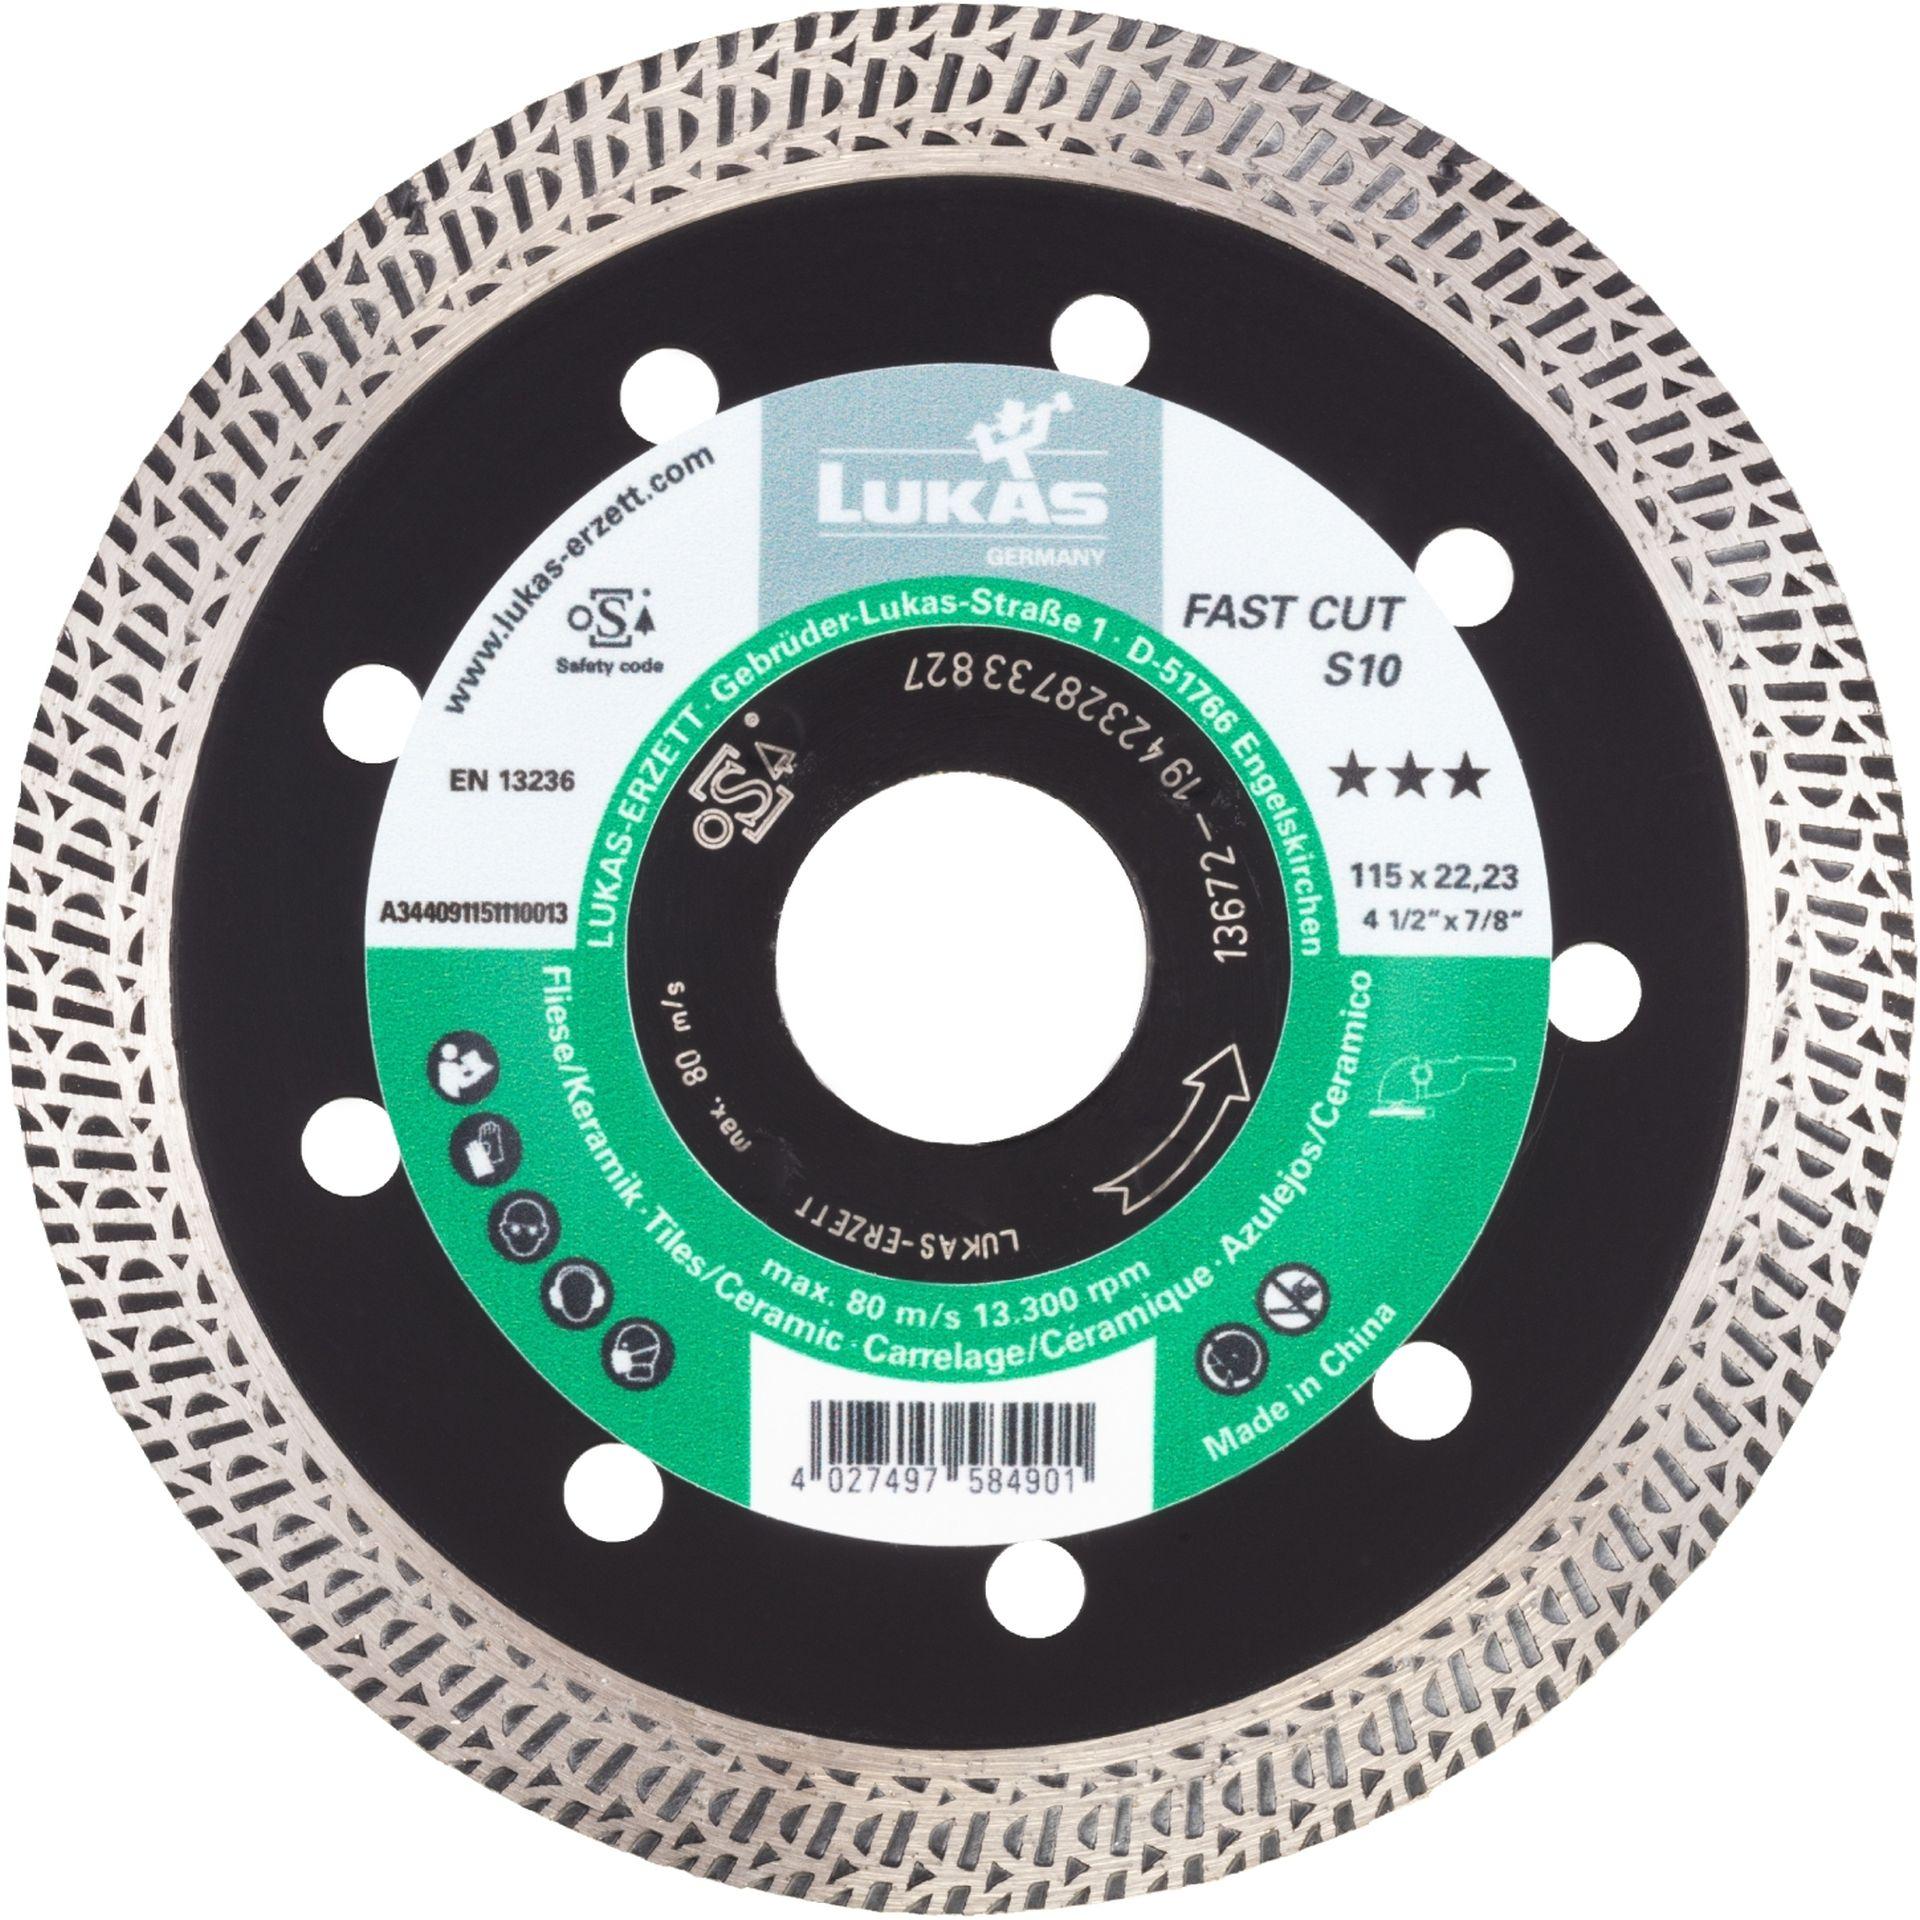 LUKAS Diamanttrennscheibe FAST Cut S10 für Stein/Fliesen Ø 115 mm